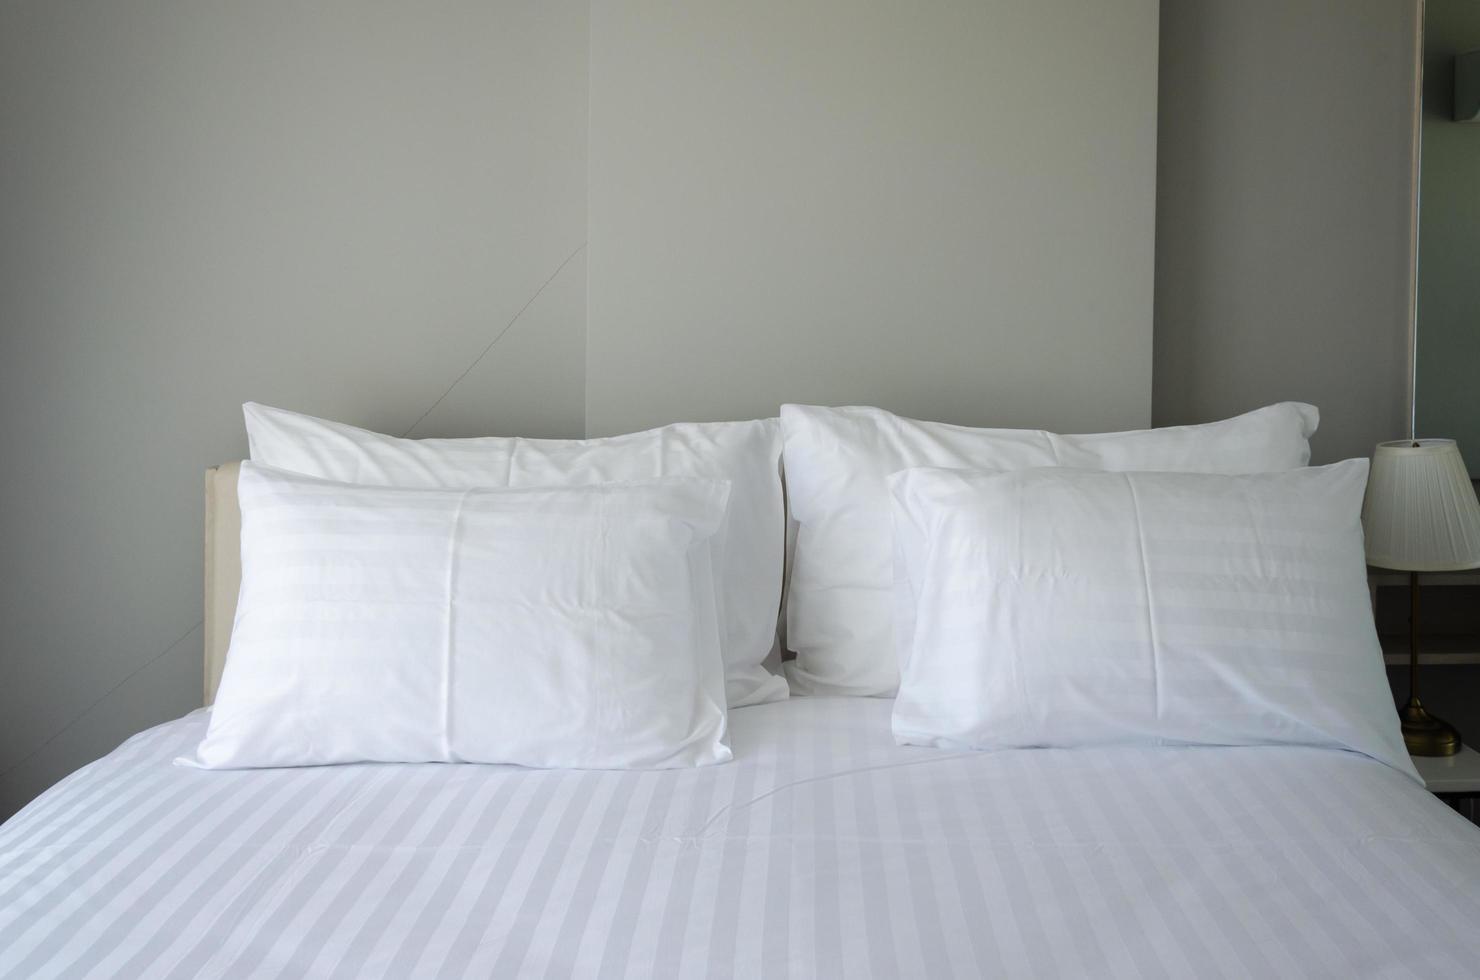 cuscini bianchi sul letto dell'hotel foto